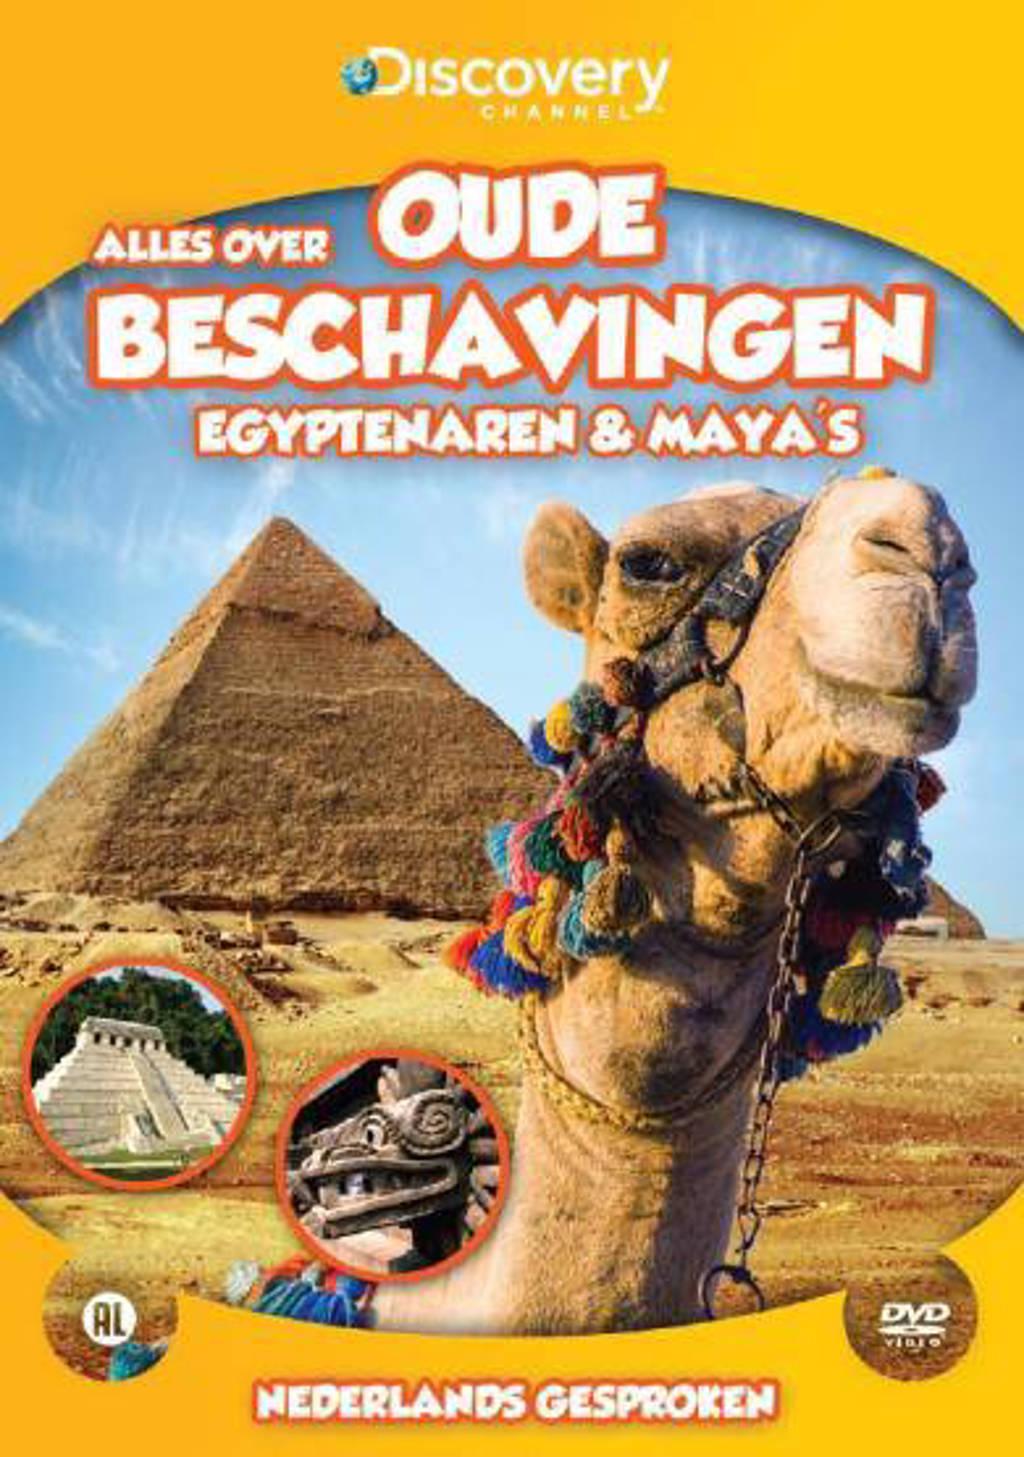 Alles over oude beschavingen - Egyptenaren & Maya's (DVD)